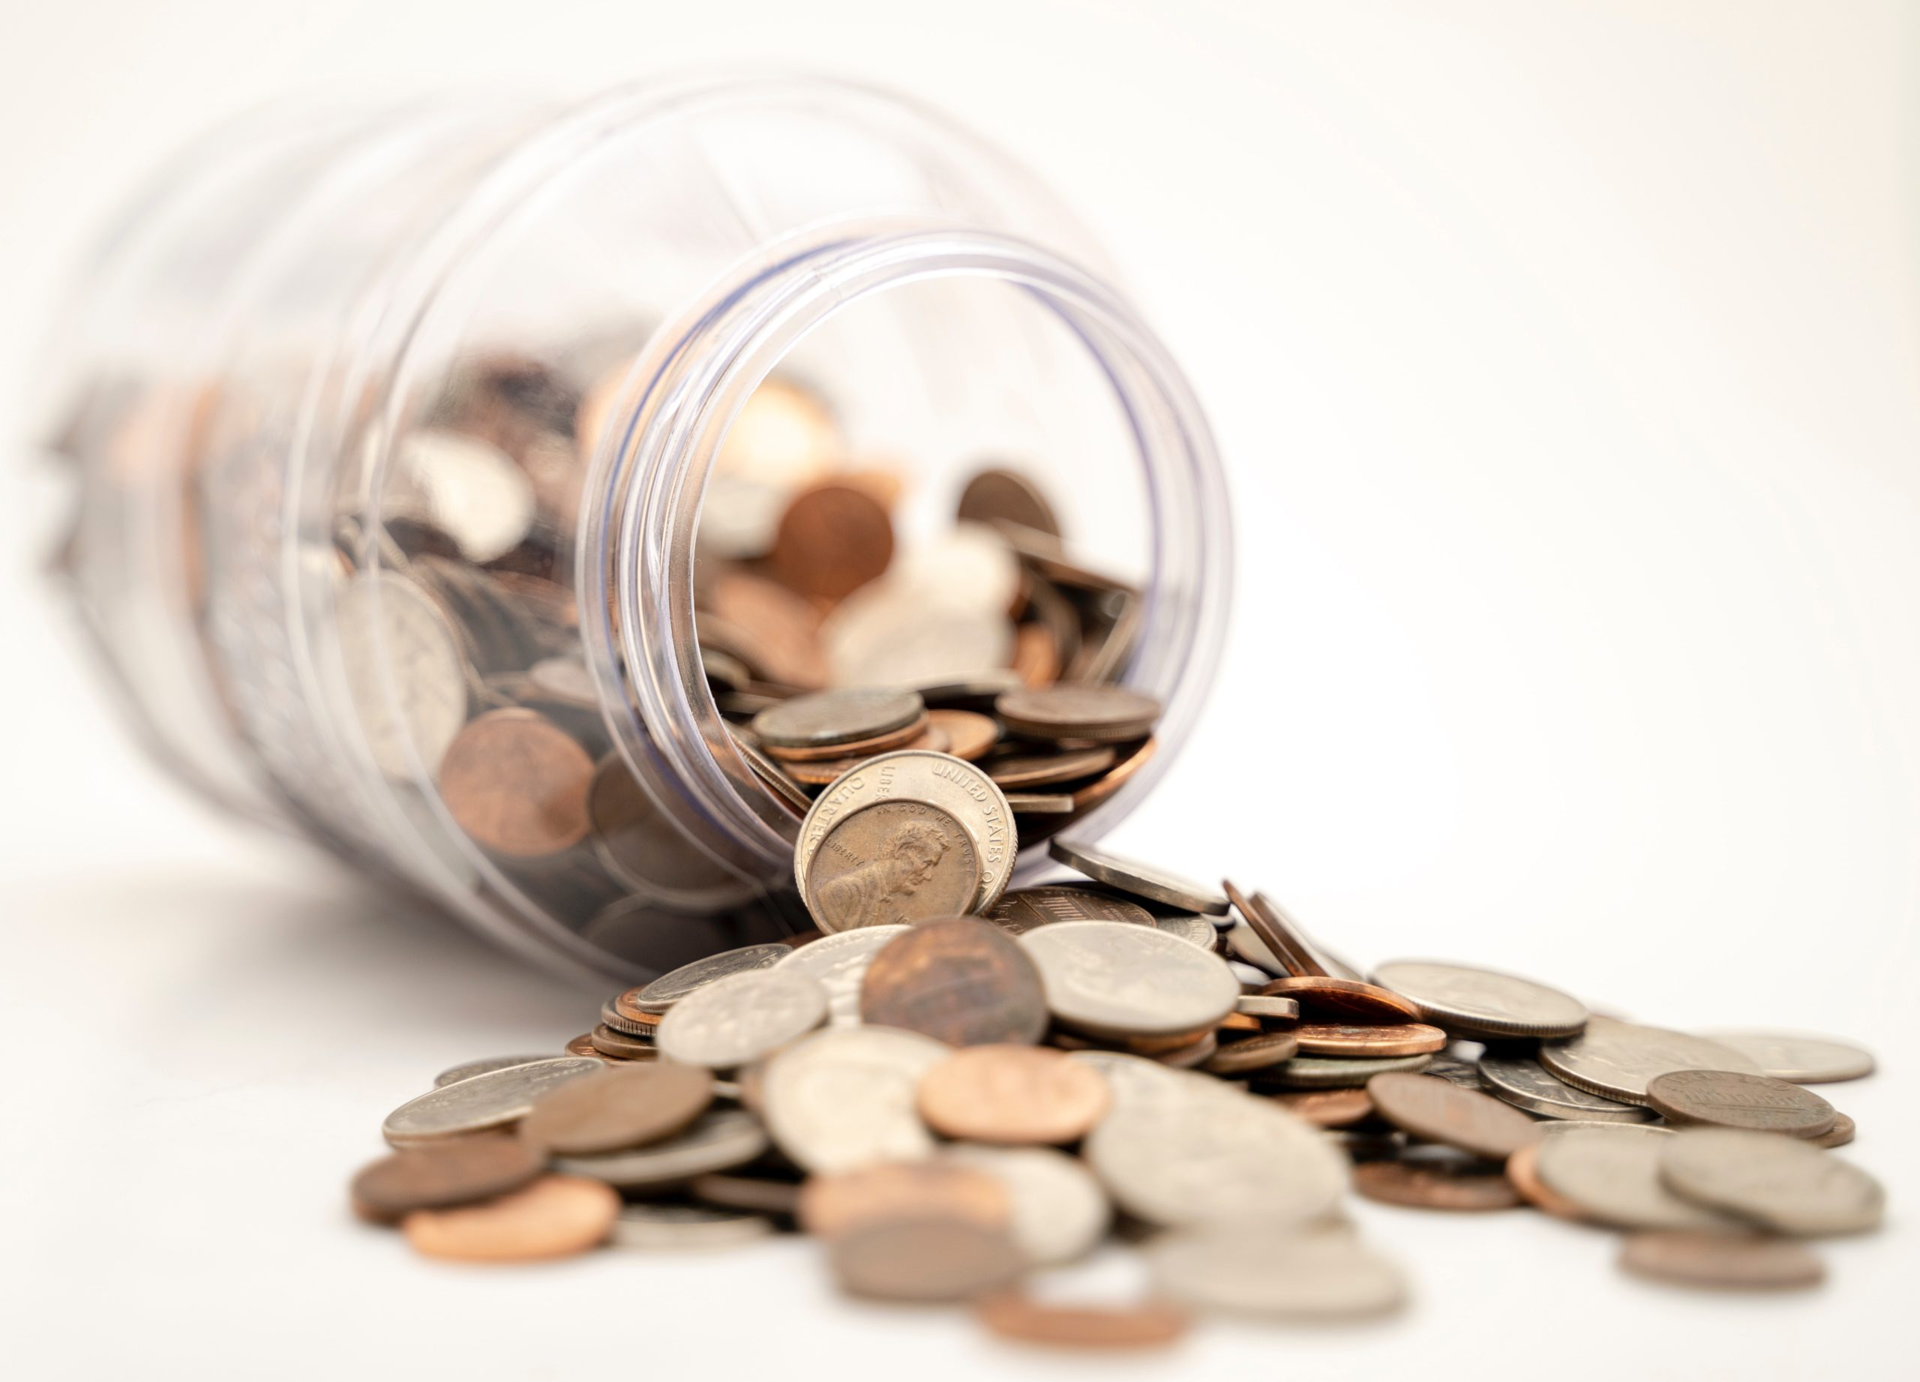 禁酒でお金は貯まる!これを読めば禁酒せざるを得なくなりますよ!